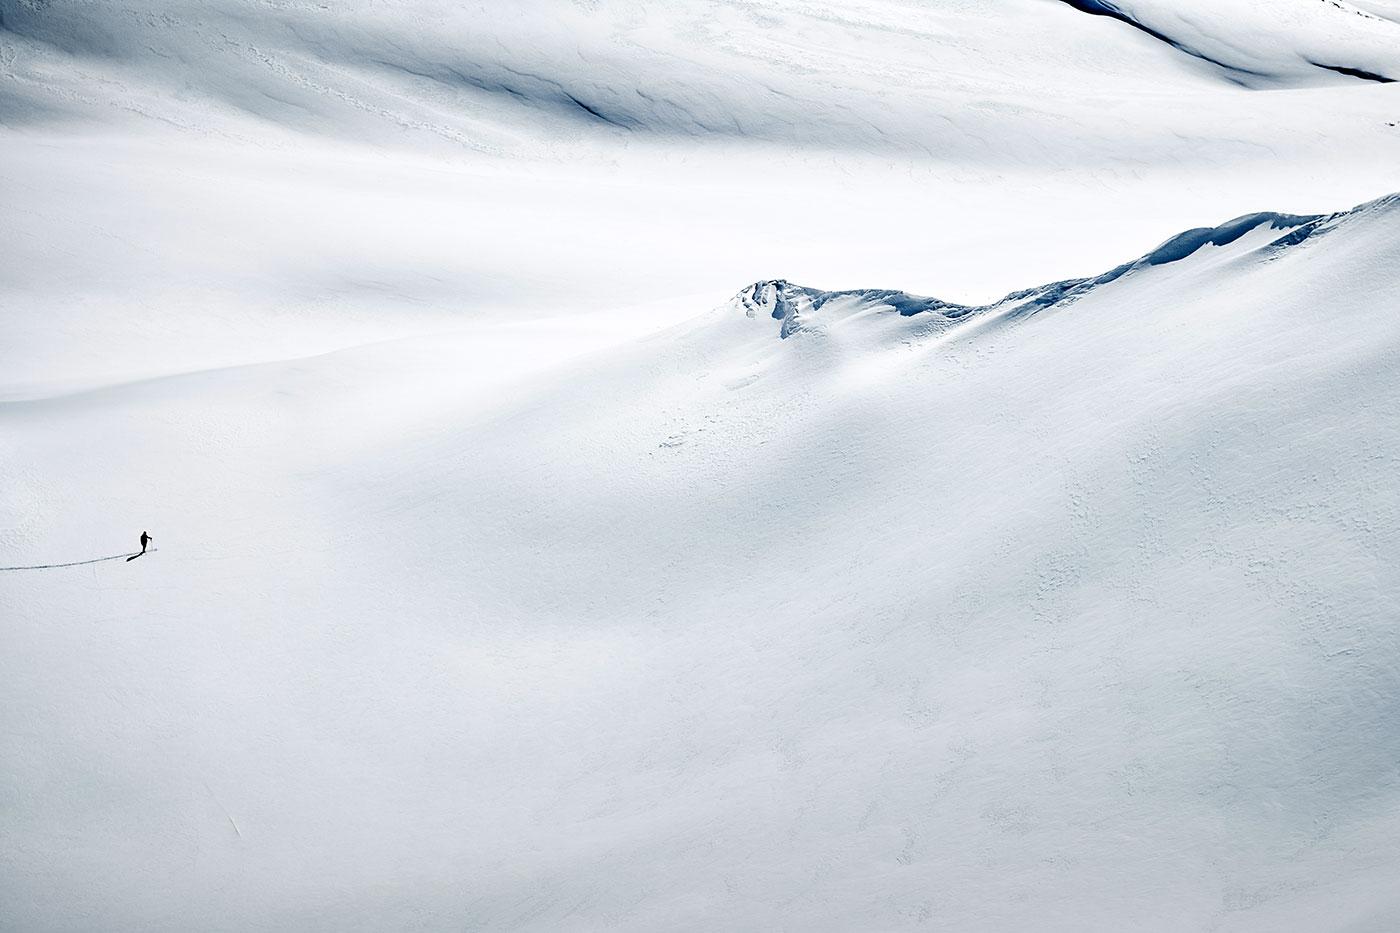 narty poza trasę